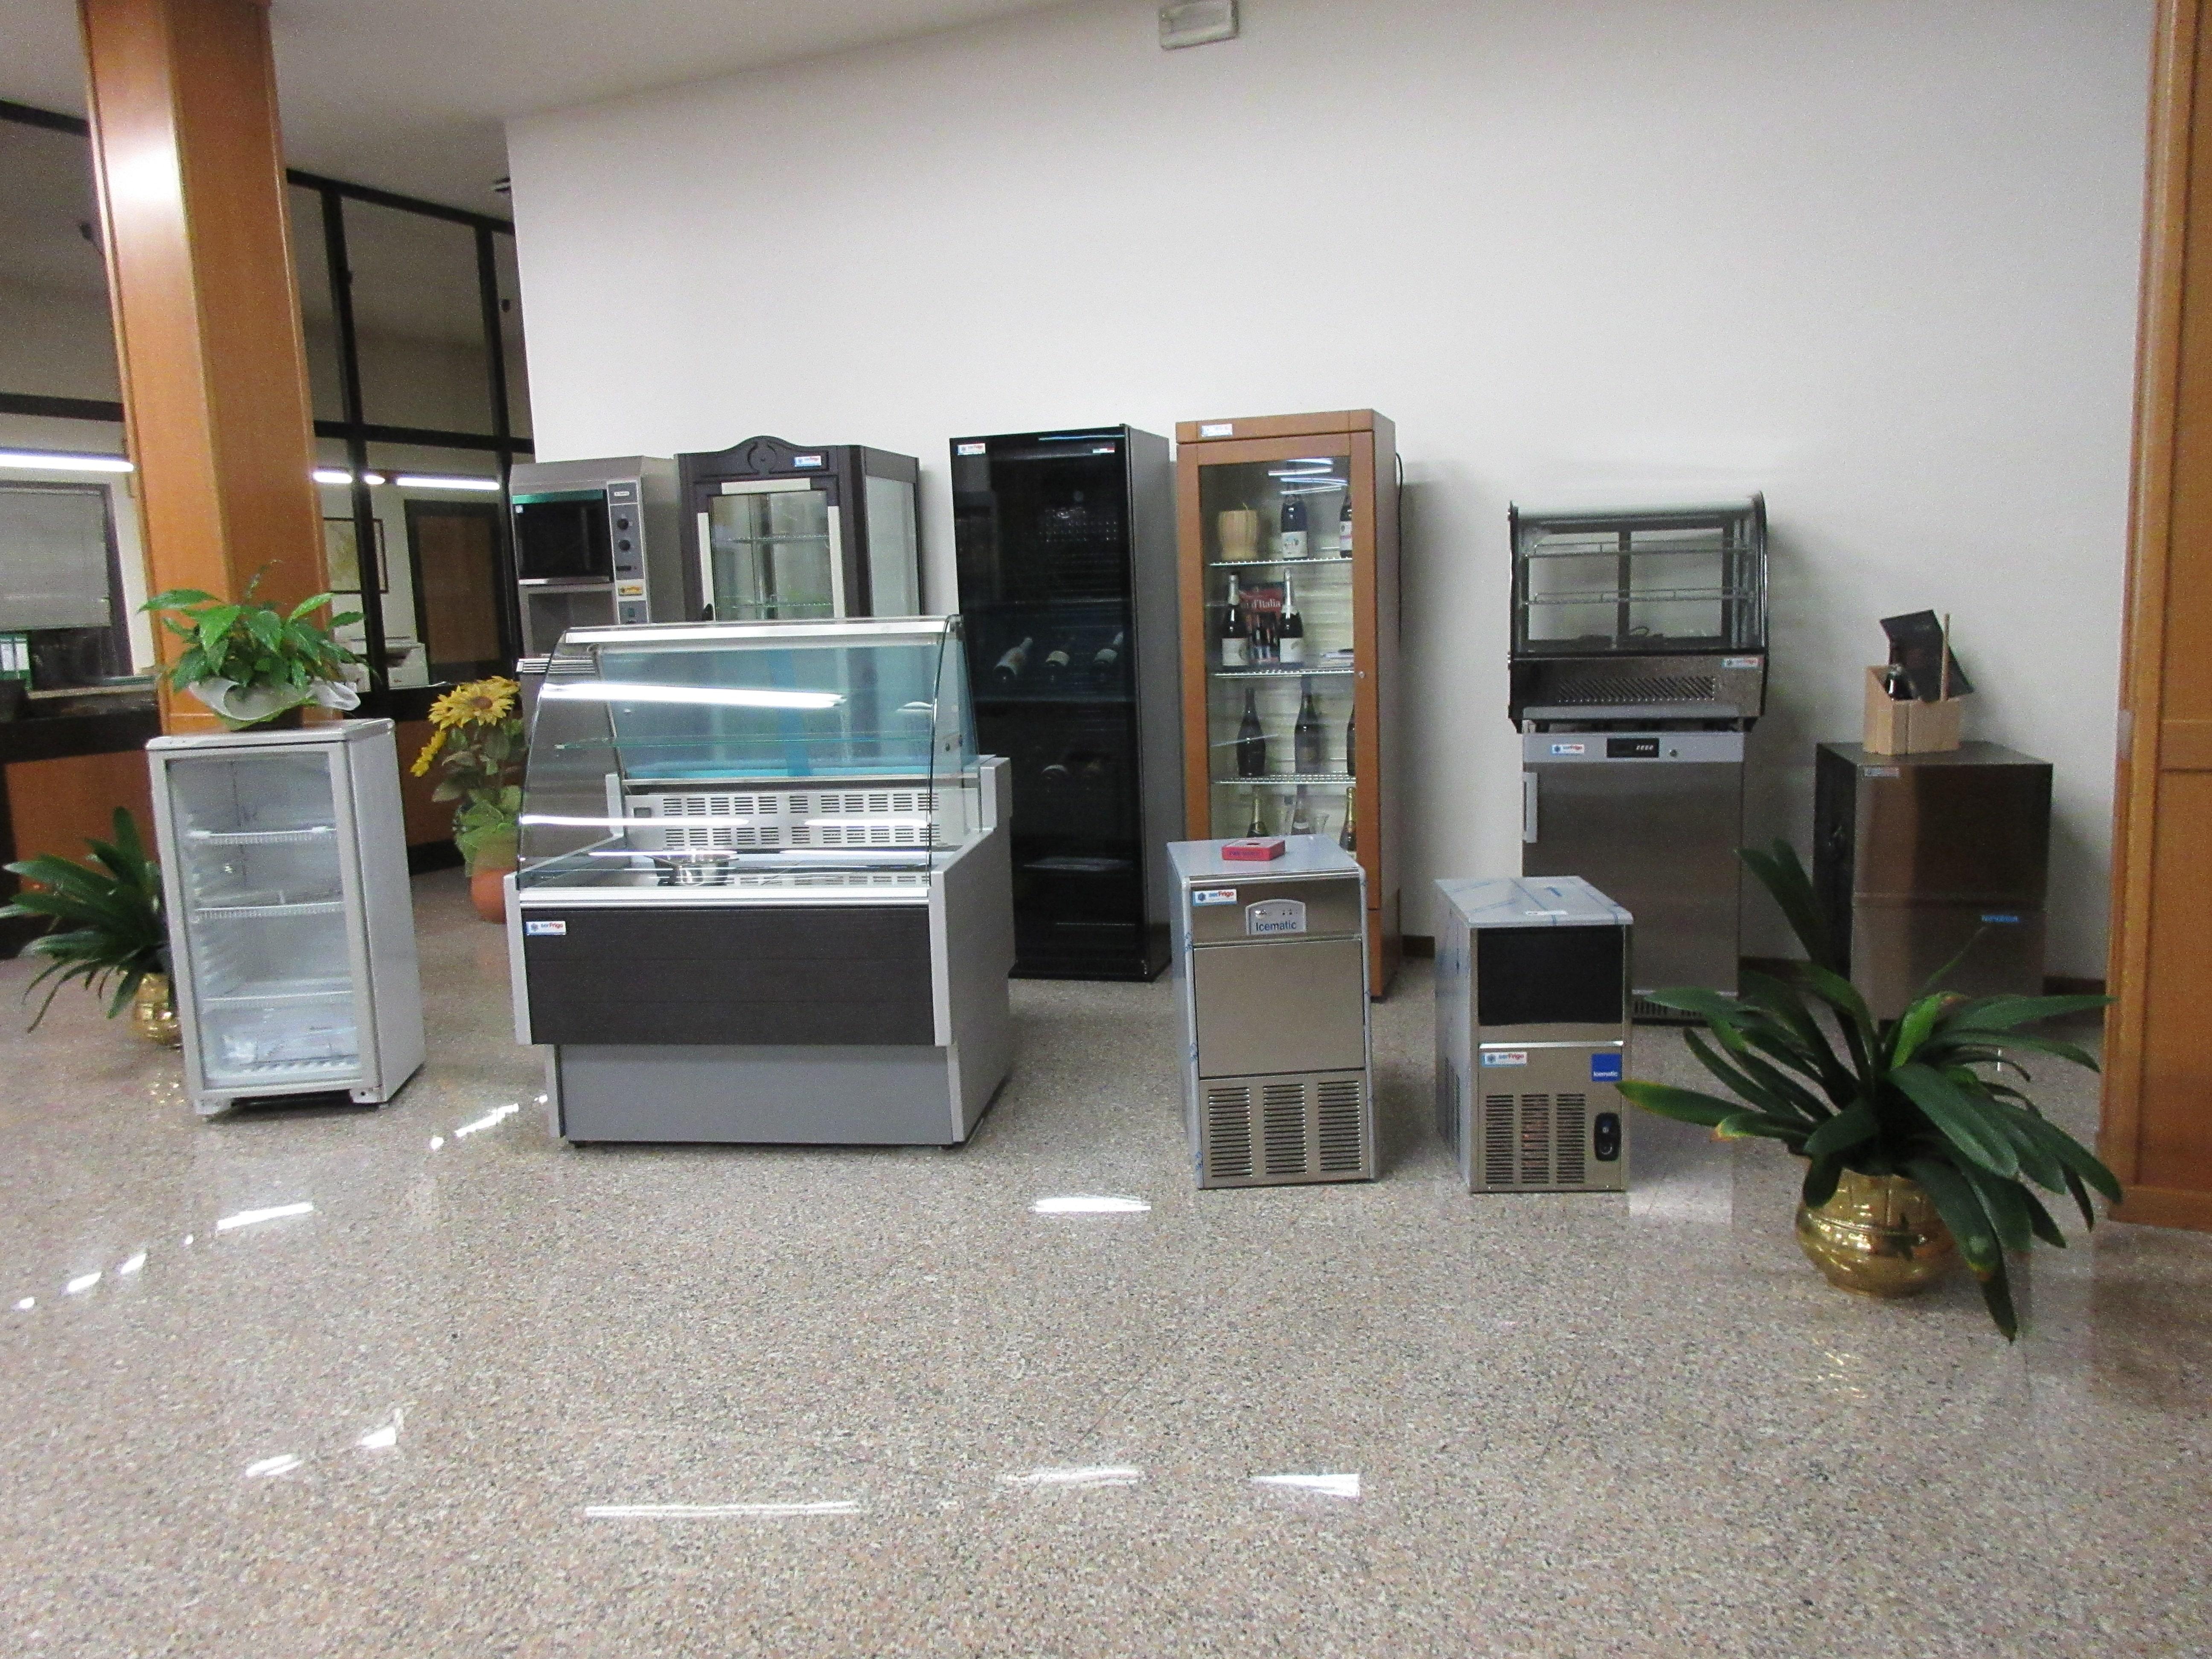 Armadi frigo ed abbattitori e produttori di ghiaccio 7 for Produttori armadi